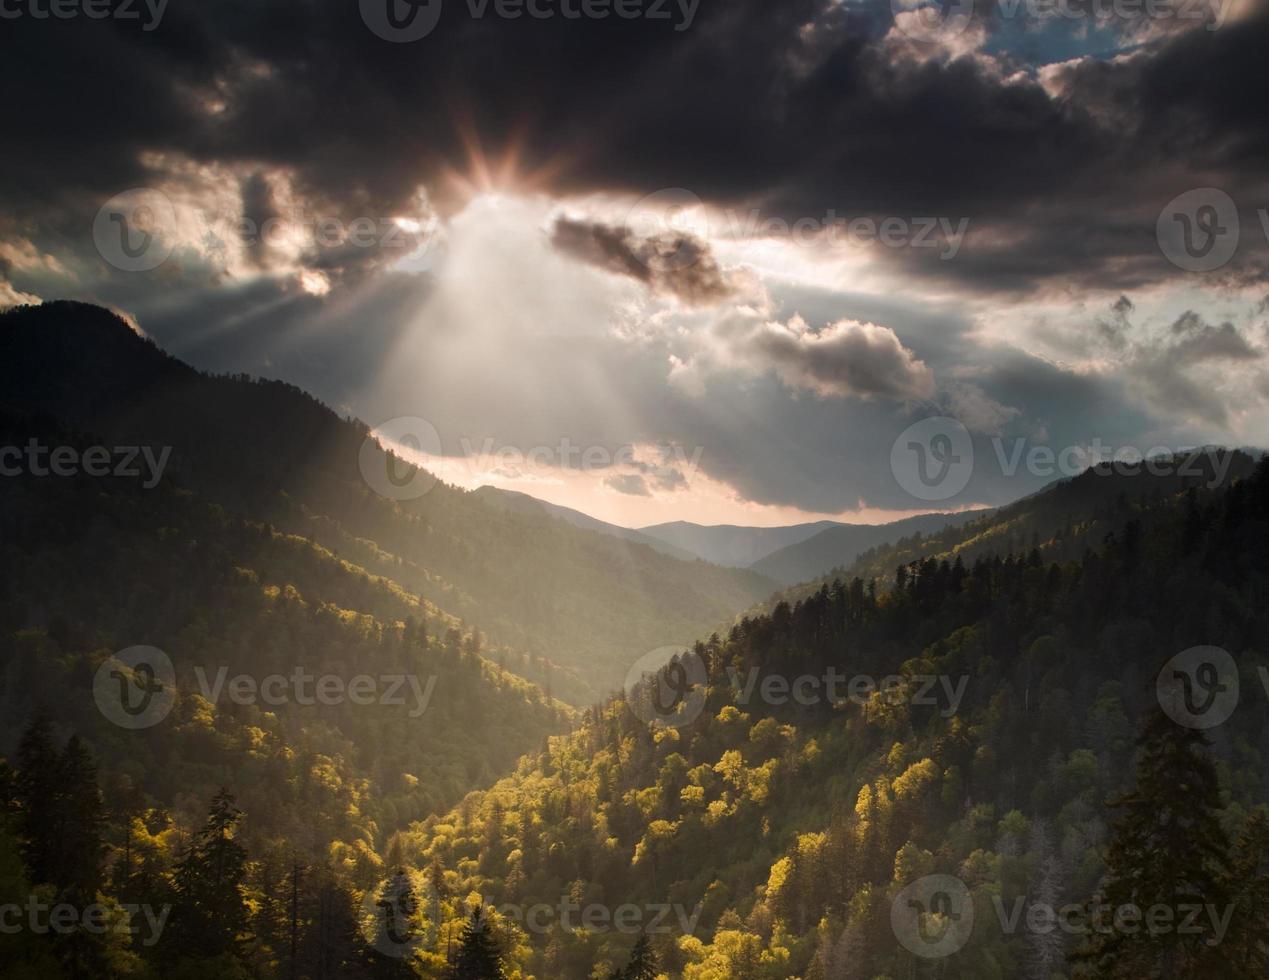 sol explodiu nas montanhas foto